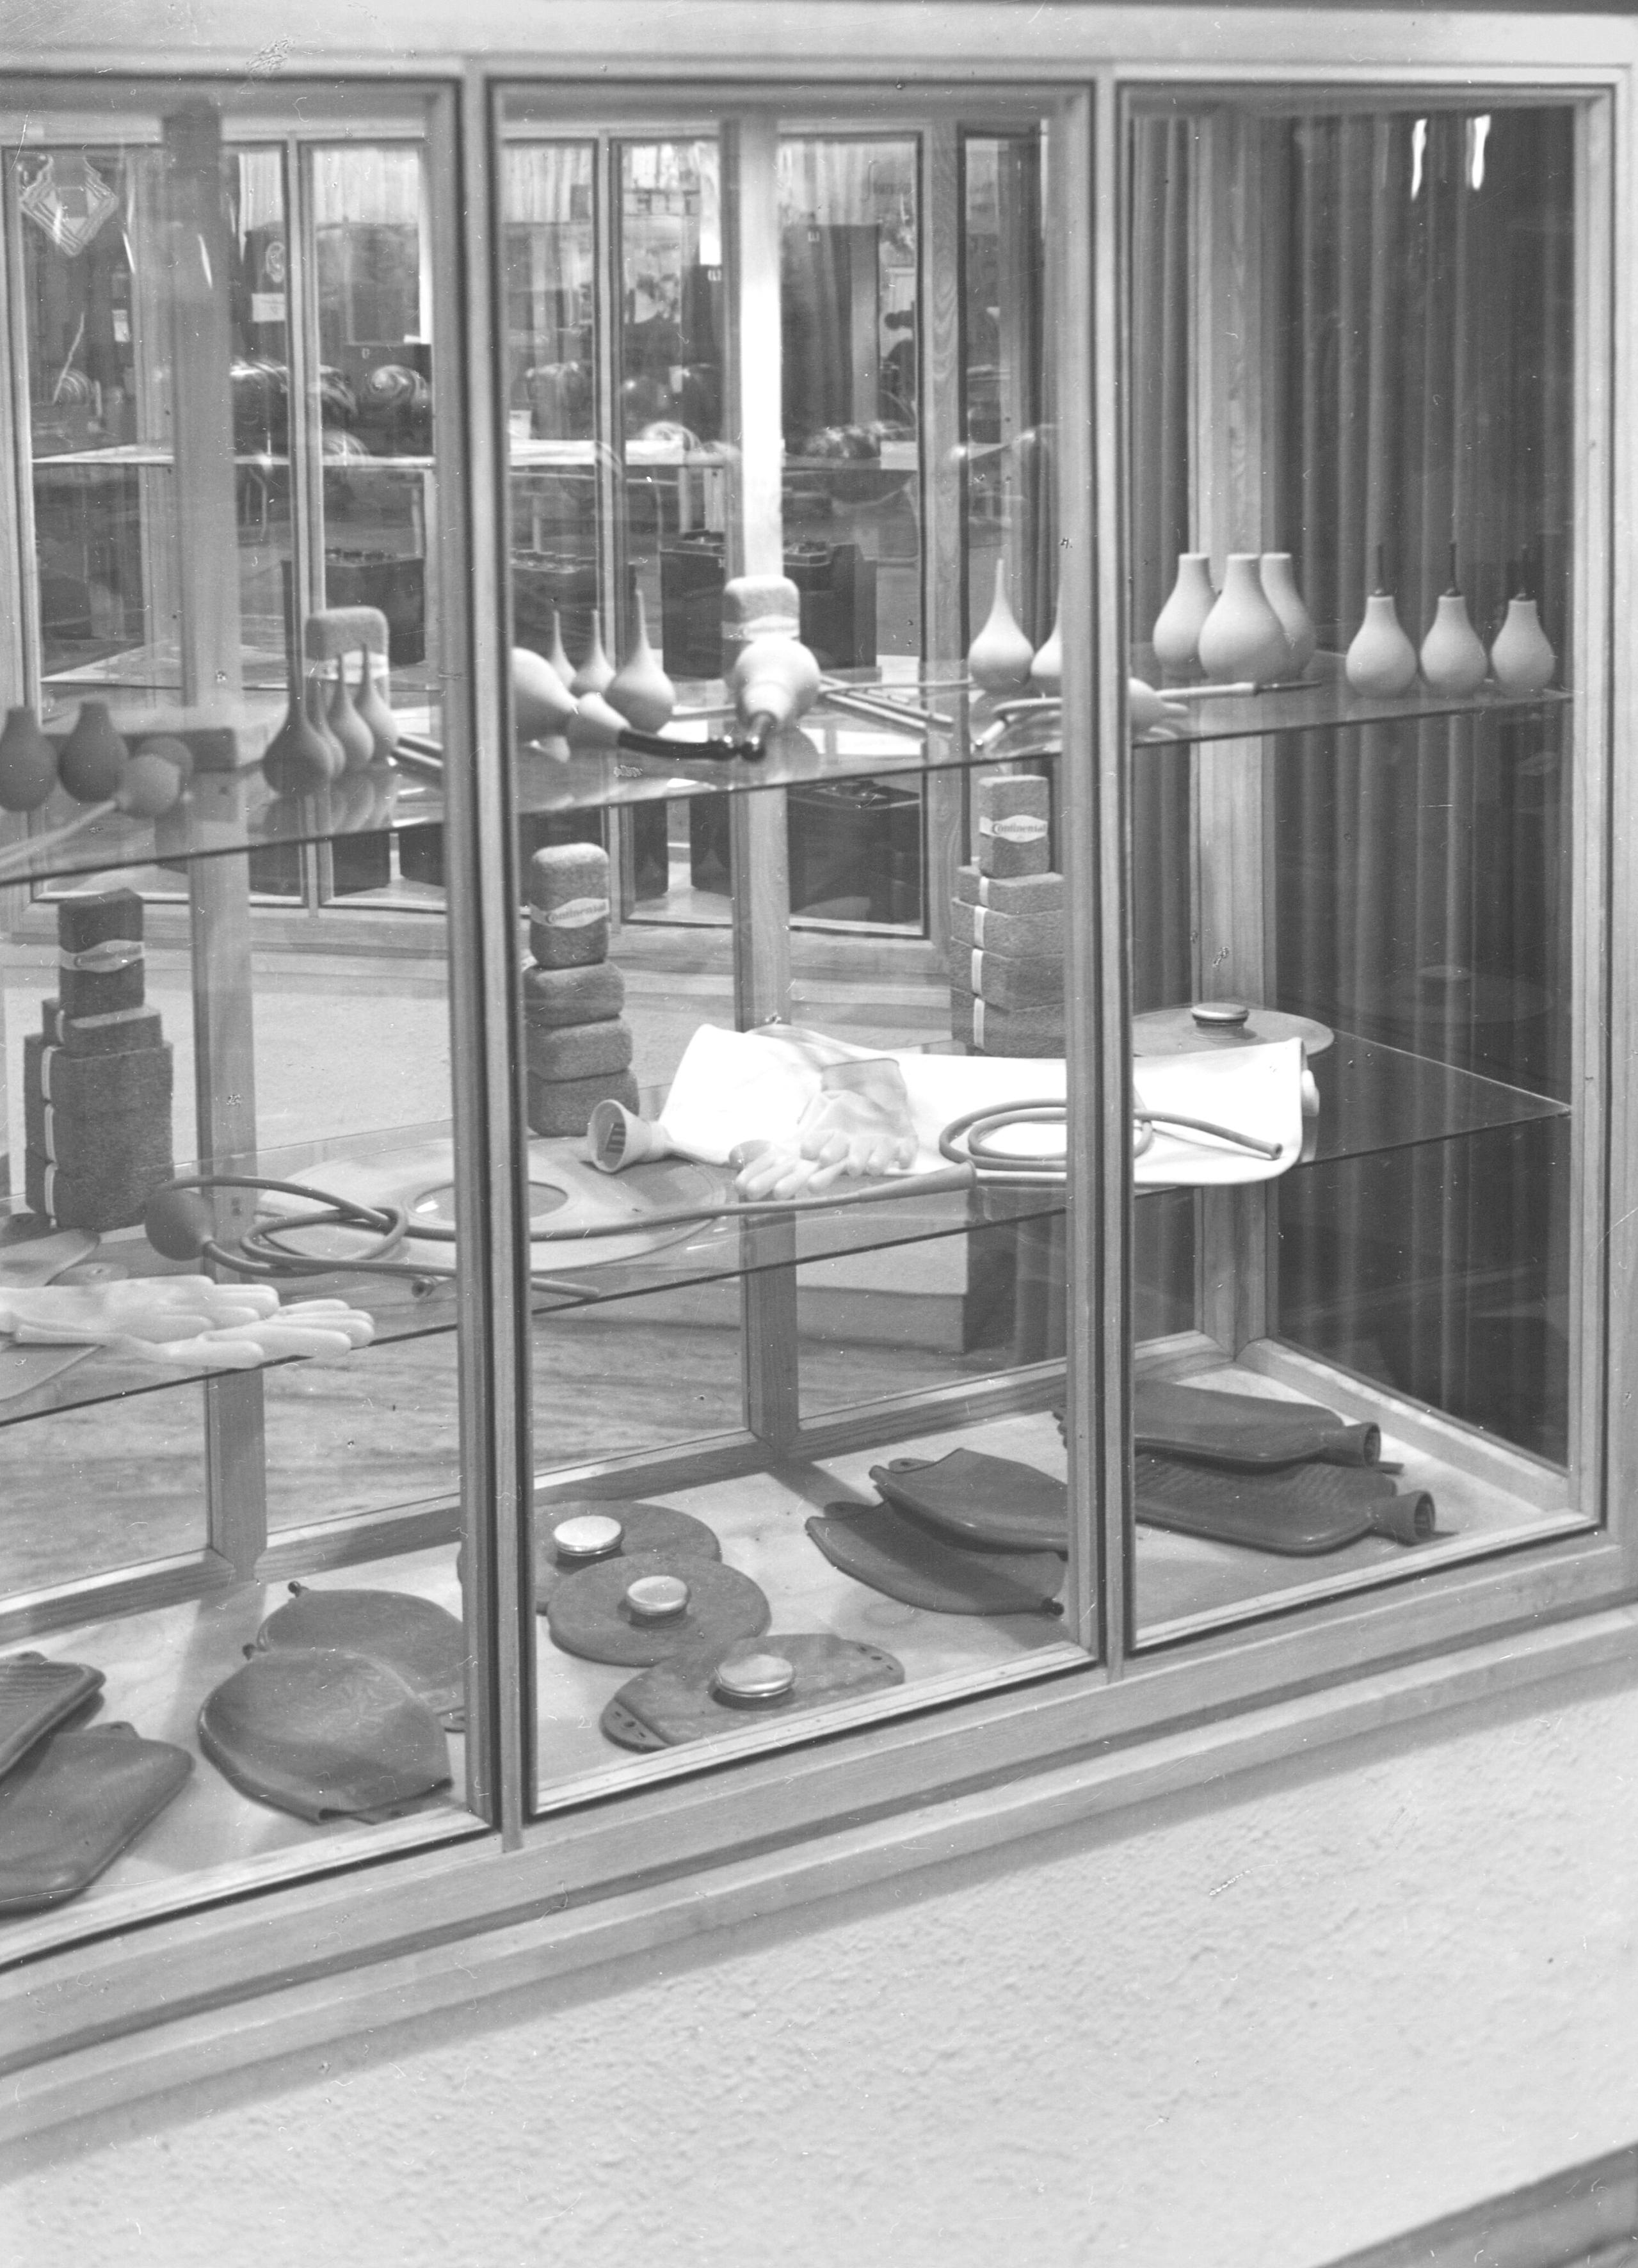 """Während den Besuchern der """"Export-Messe 1947 Hannover"""" noch technische Kautschukprodukte wie Wärmflaschen, Gummihandschuhe für Haushalt und Industrie oder Aufsätze für Pipetten präsentiert wurden, stehen beim Technologieunternehmen Continental 2017 intelligente und miteinander vernetzbare Produkte und Systeme für industrielle Anwendungen im Fokus. Foto: Continental"""